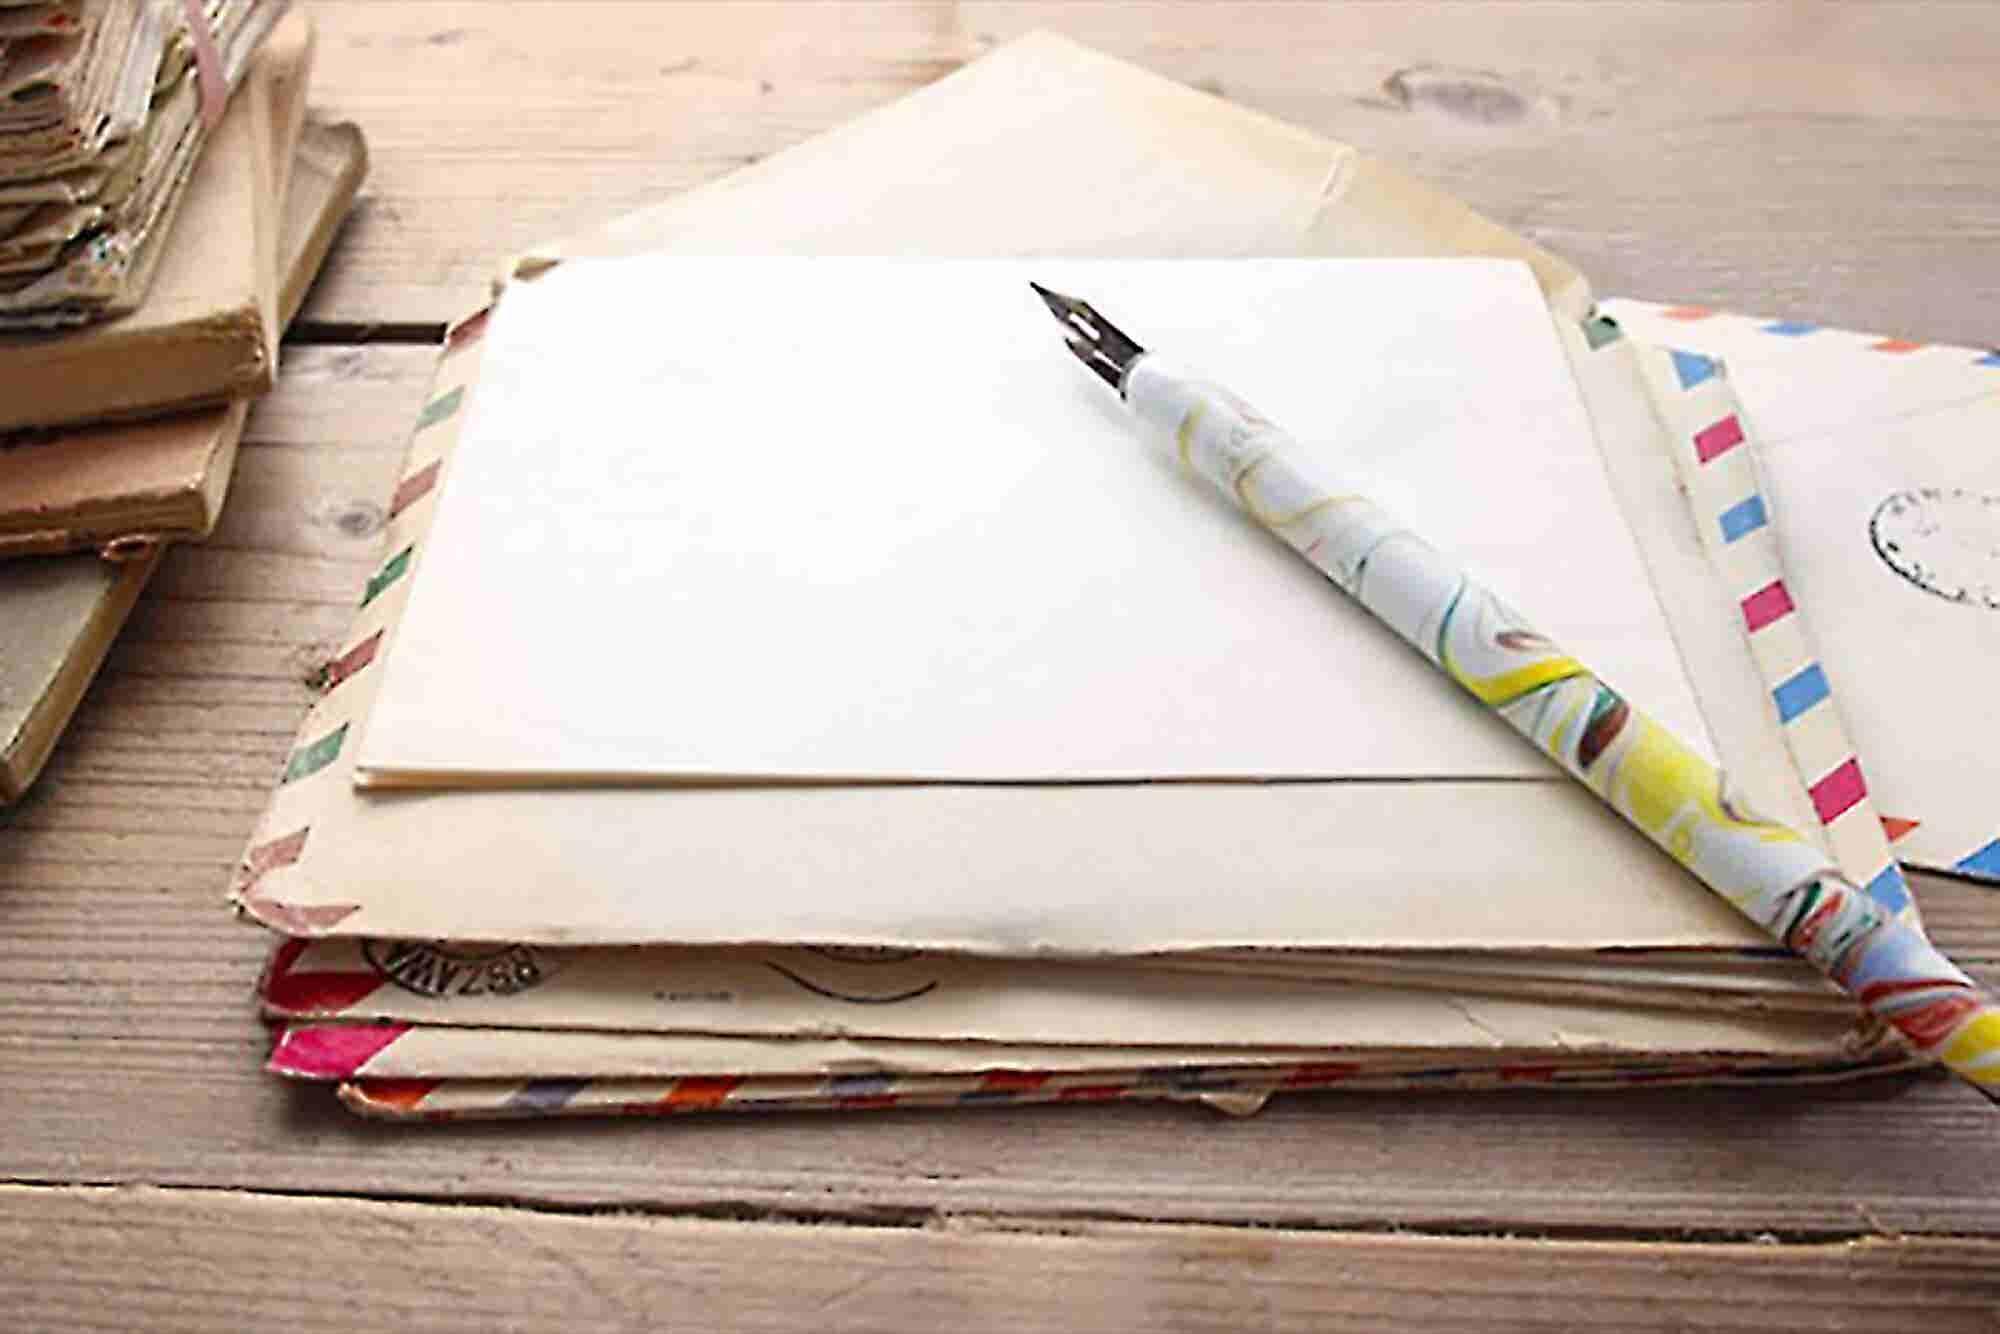 7 Reasons All Entrepreneurs Should Strive for Better Writing